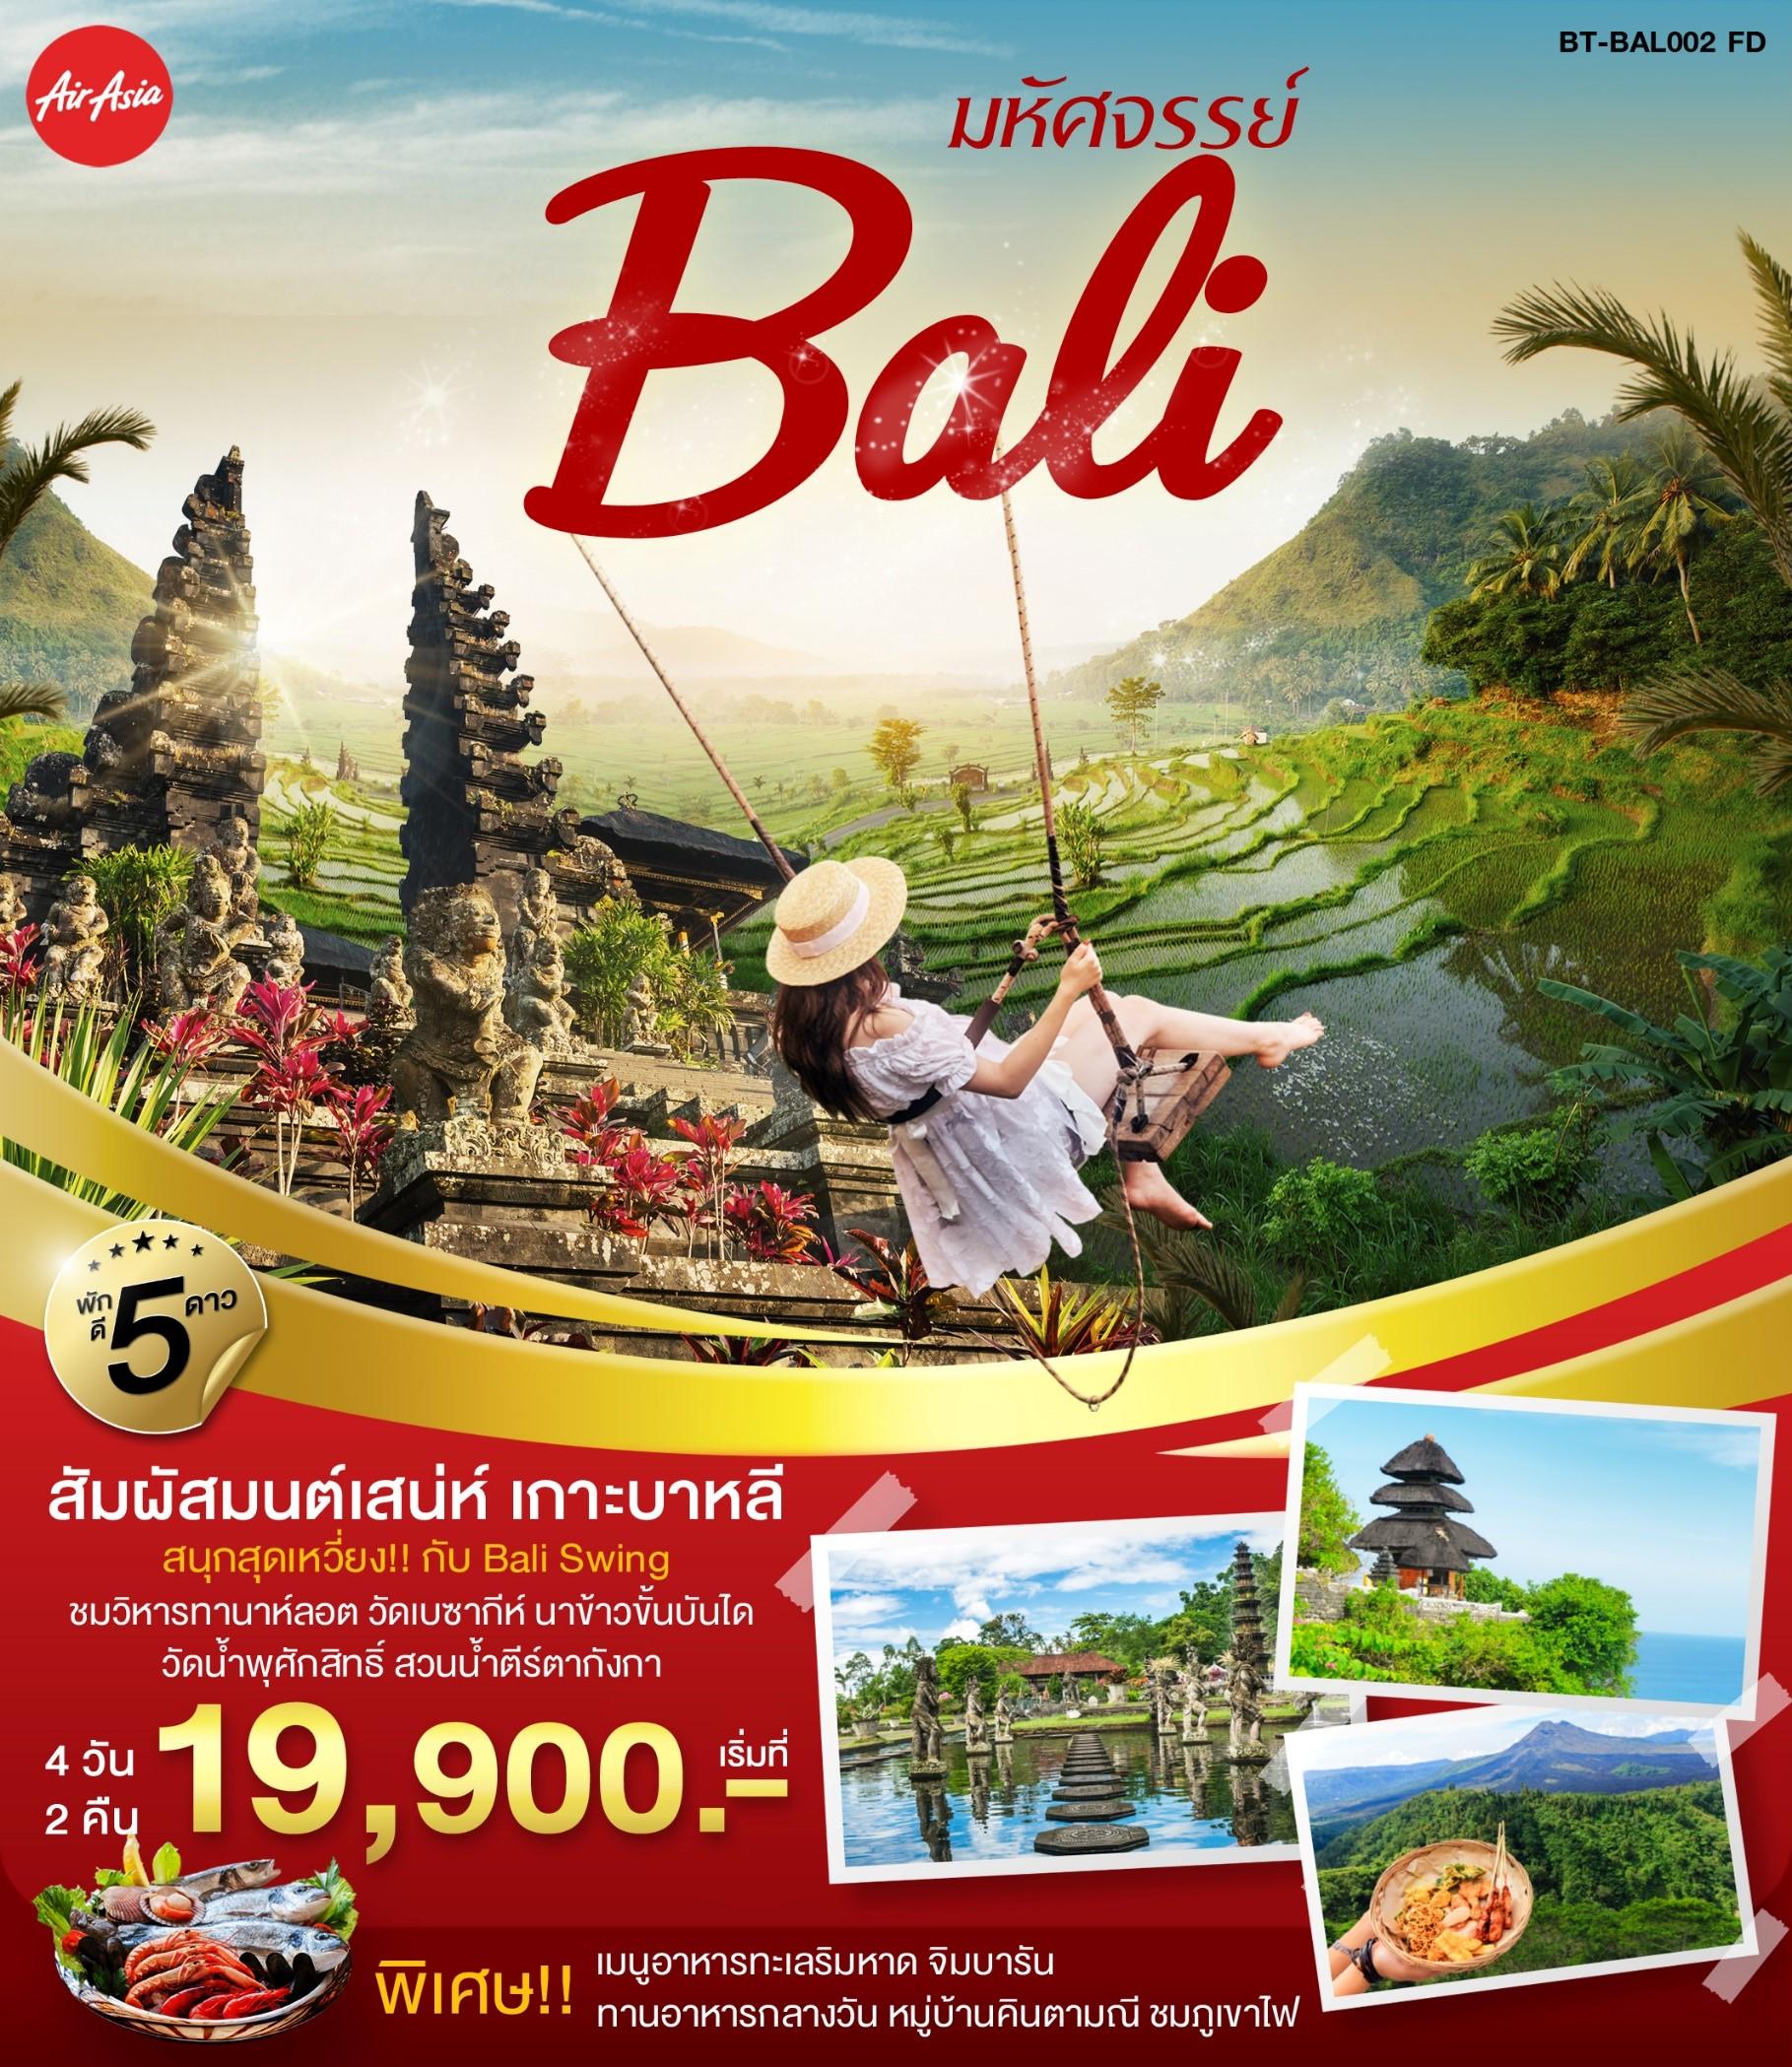 ทัวร์อินโดนีเซีย-มหัศจรรย์-BALI-สัมผัสมนต์เสน่ห์-4-วัน-2-คืน-(21-24NOV19)(BT-BALI002)